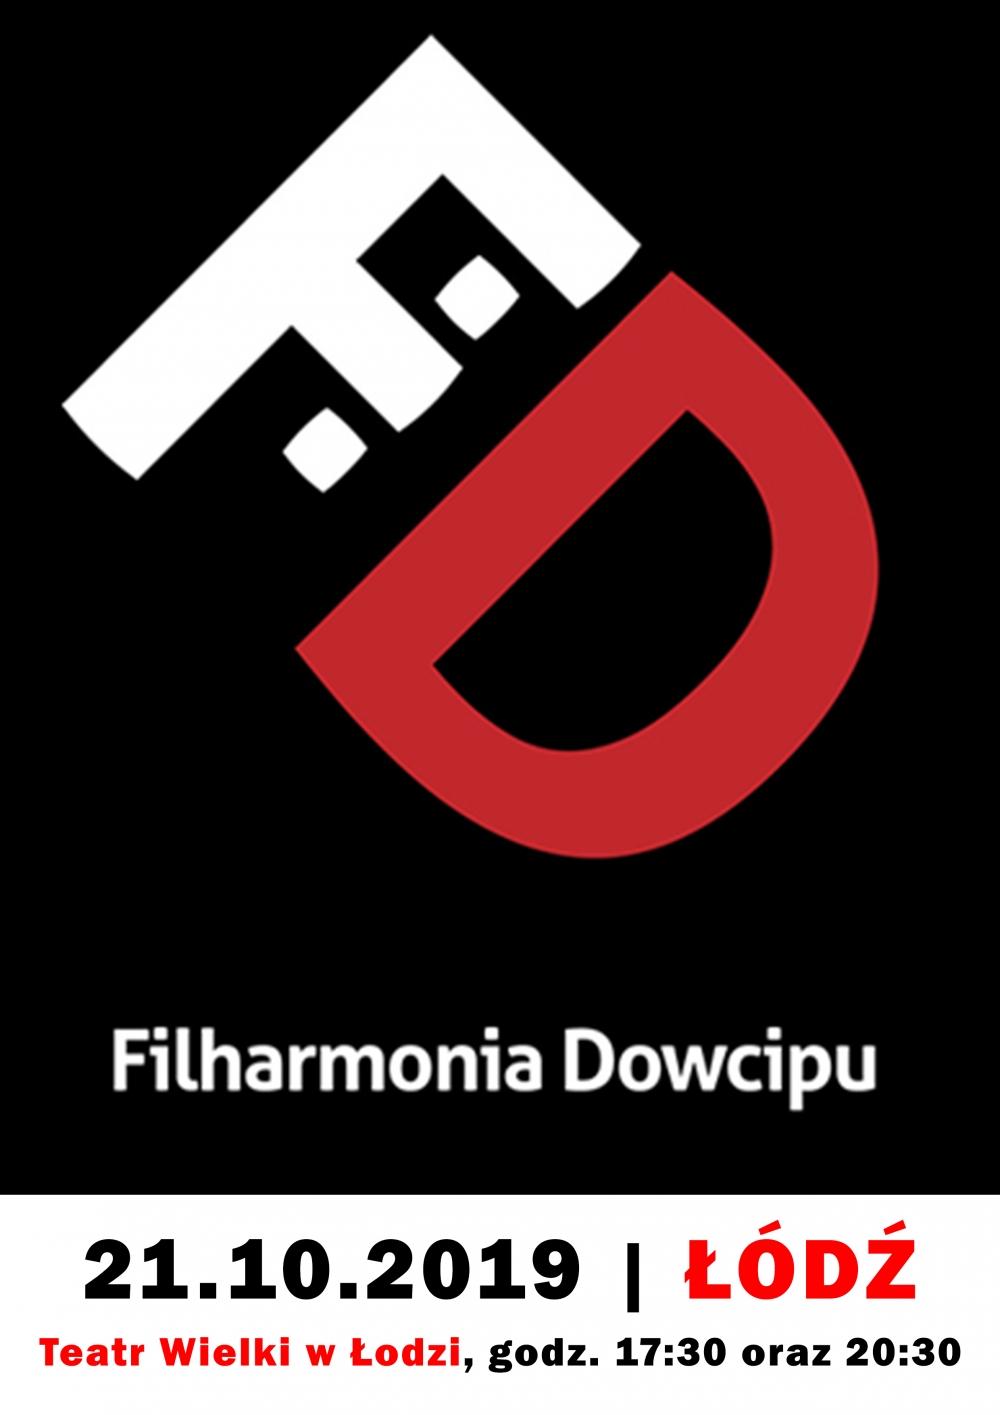 Koncert - FILHARMONIA DOWCIPU I WALDEMAR MALICKI - w nowym programie Co jest grane